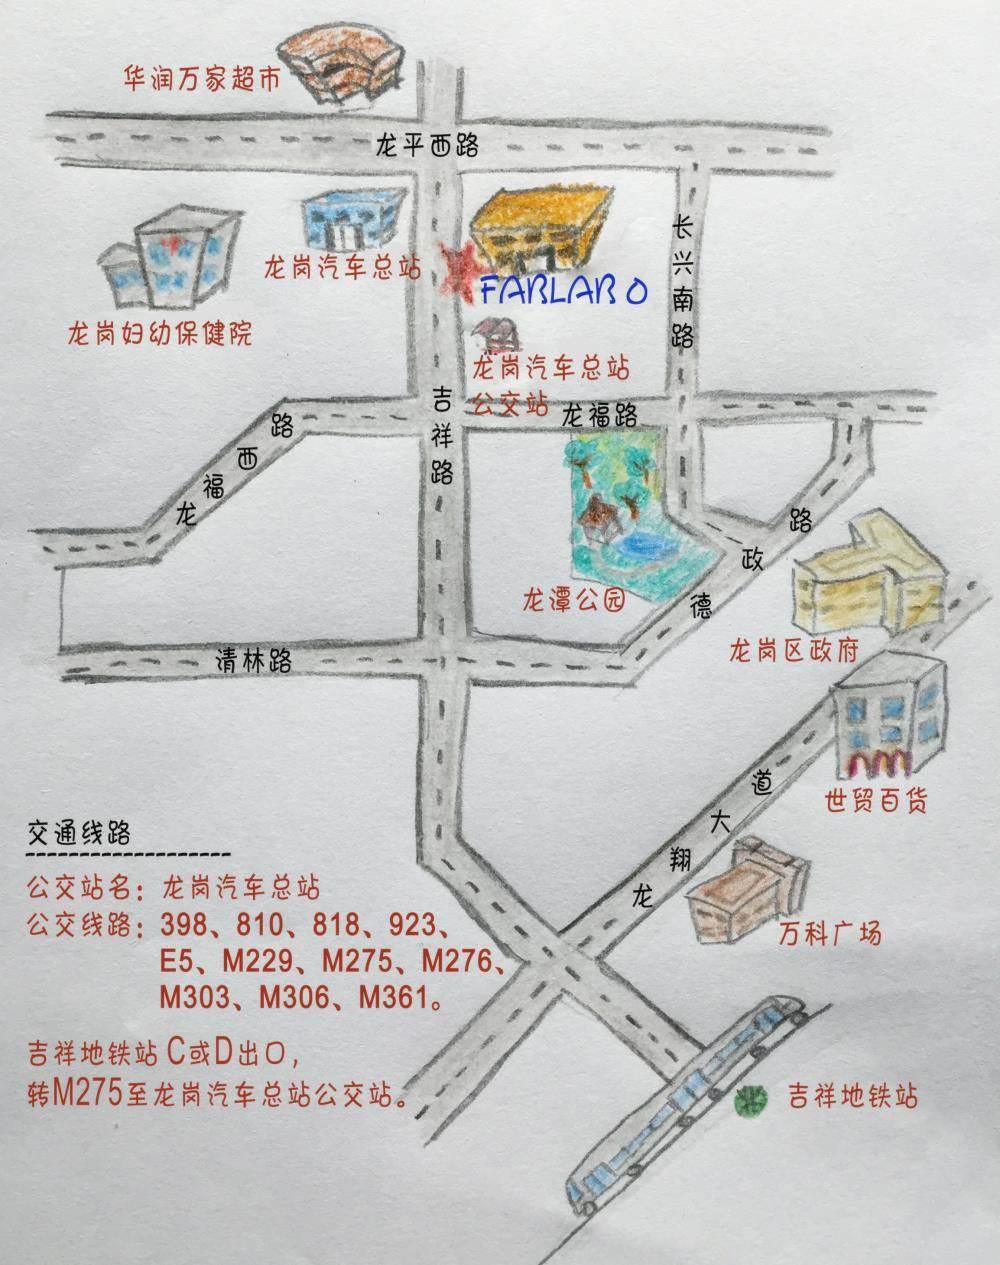 手绘活动路线图